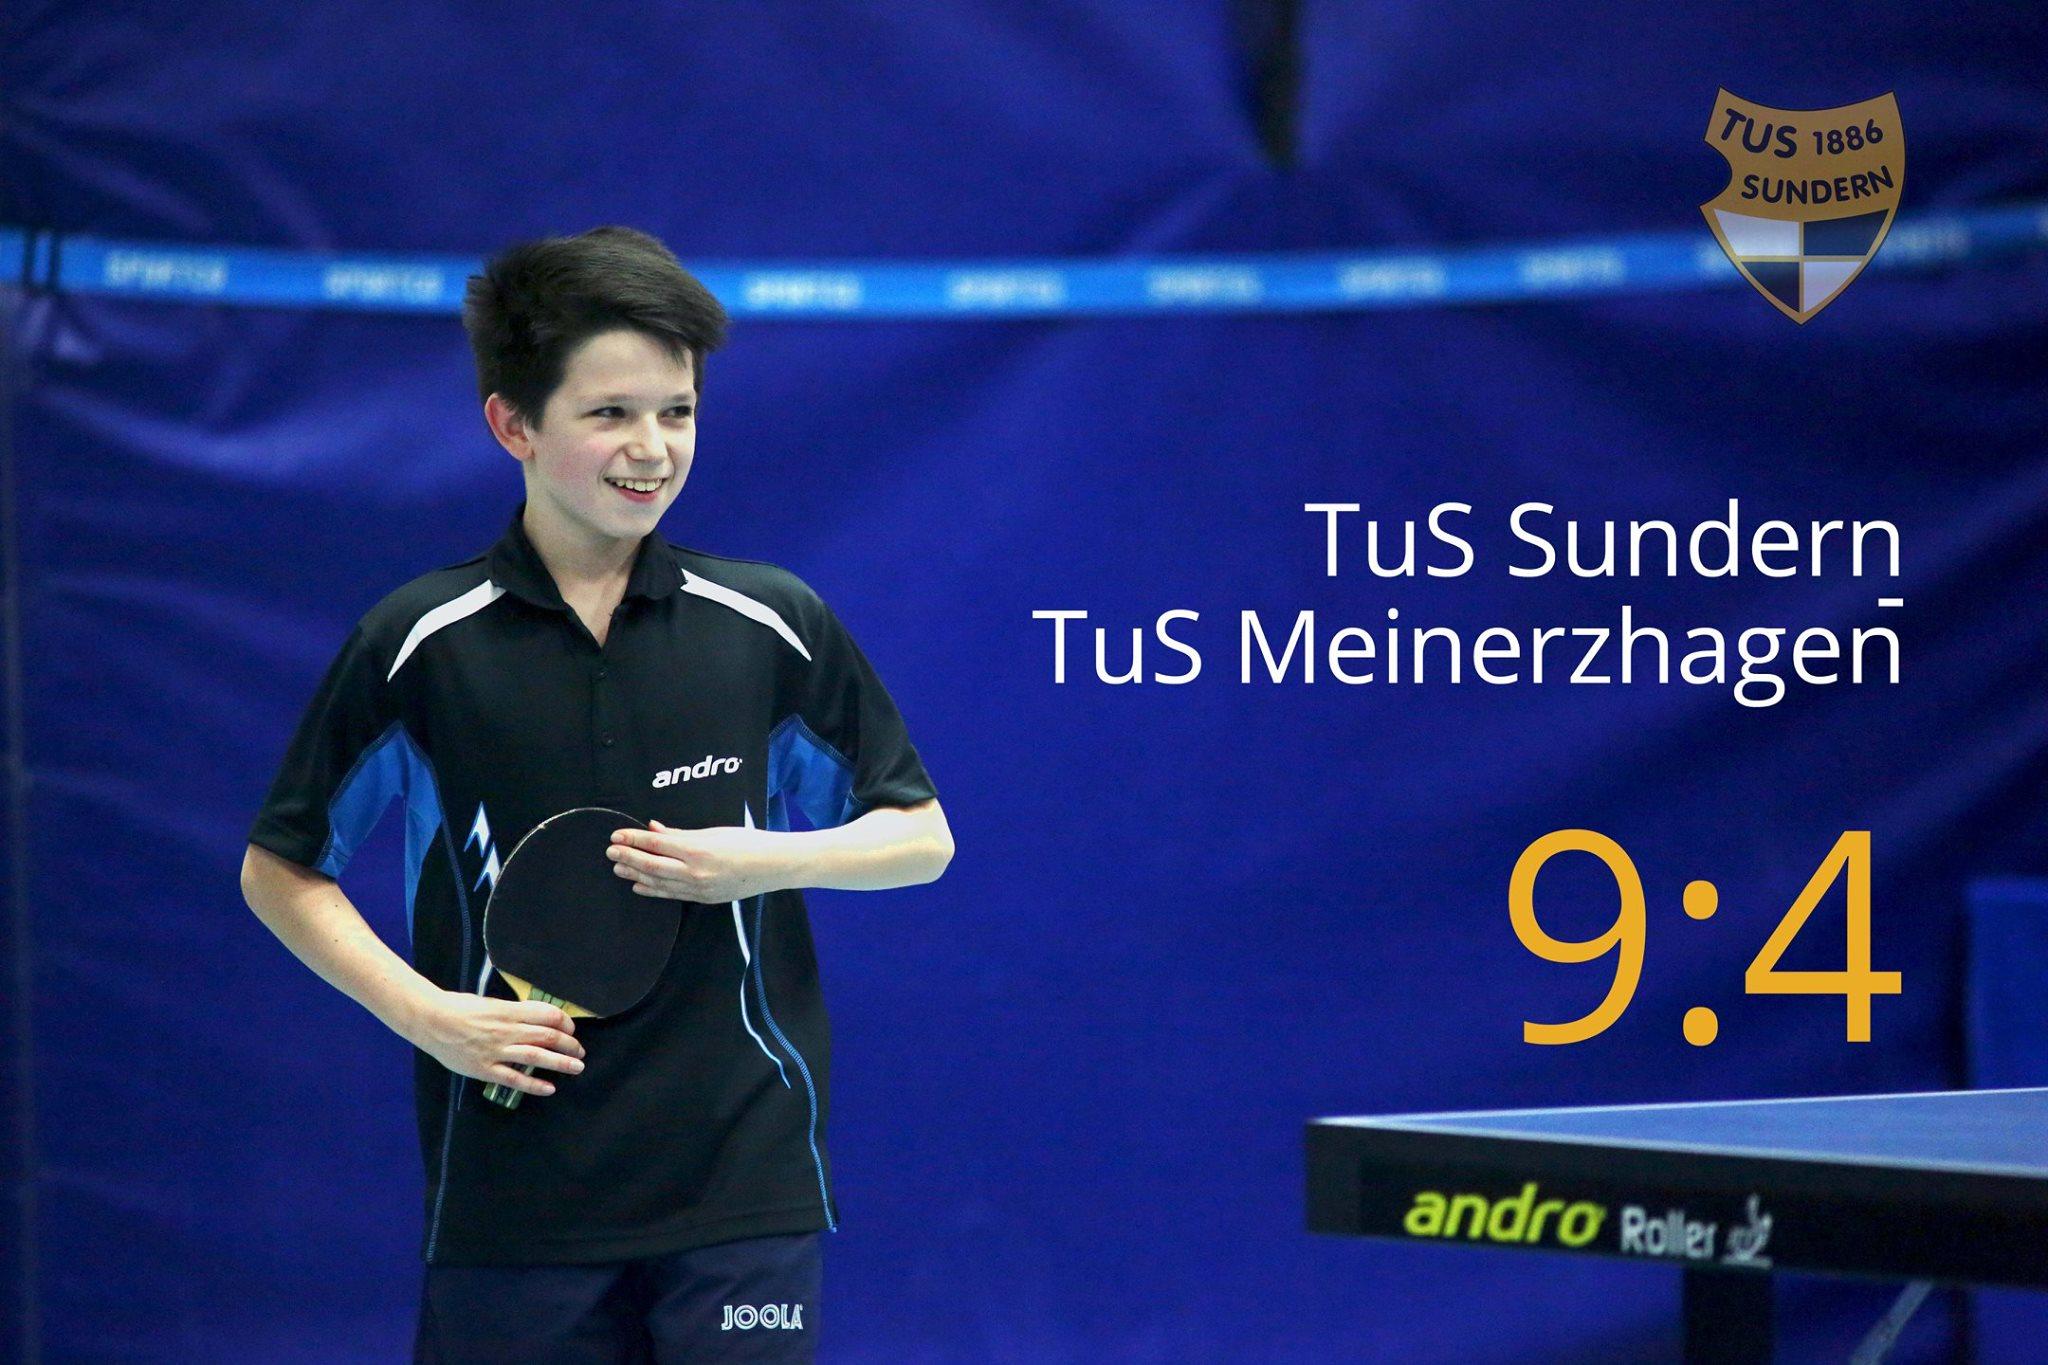 TUS - Sundern - Tus Meinerzhagen 02-16